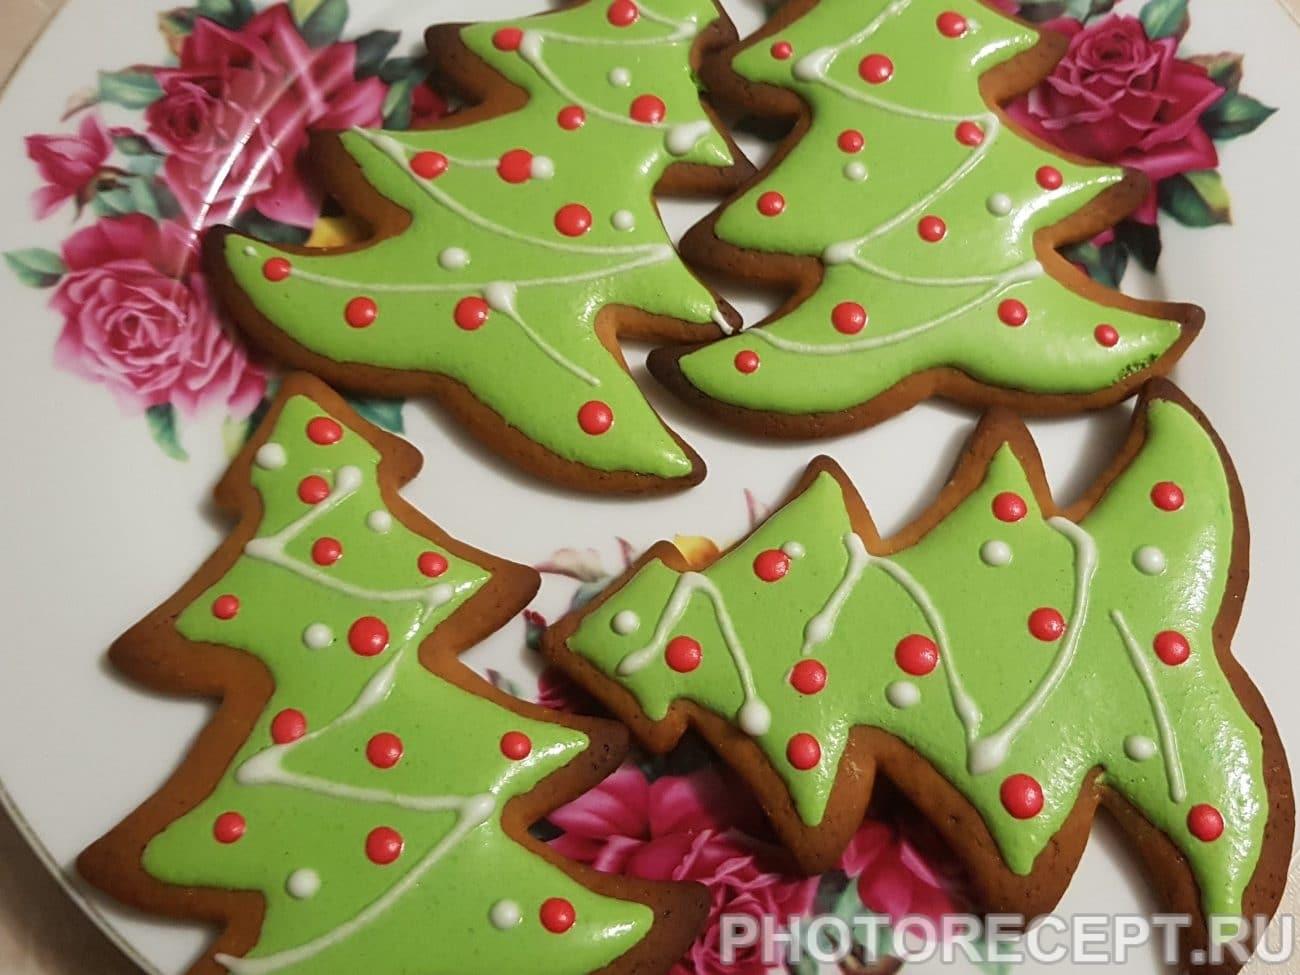 Рождественские пряники с глазурью (печенье)